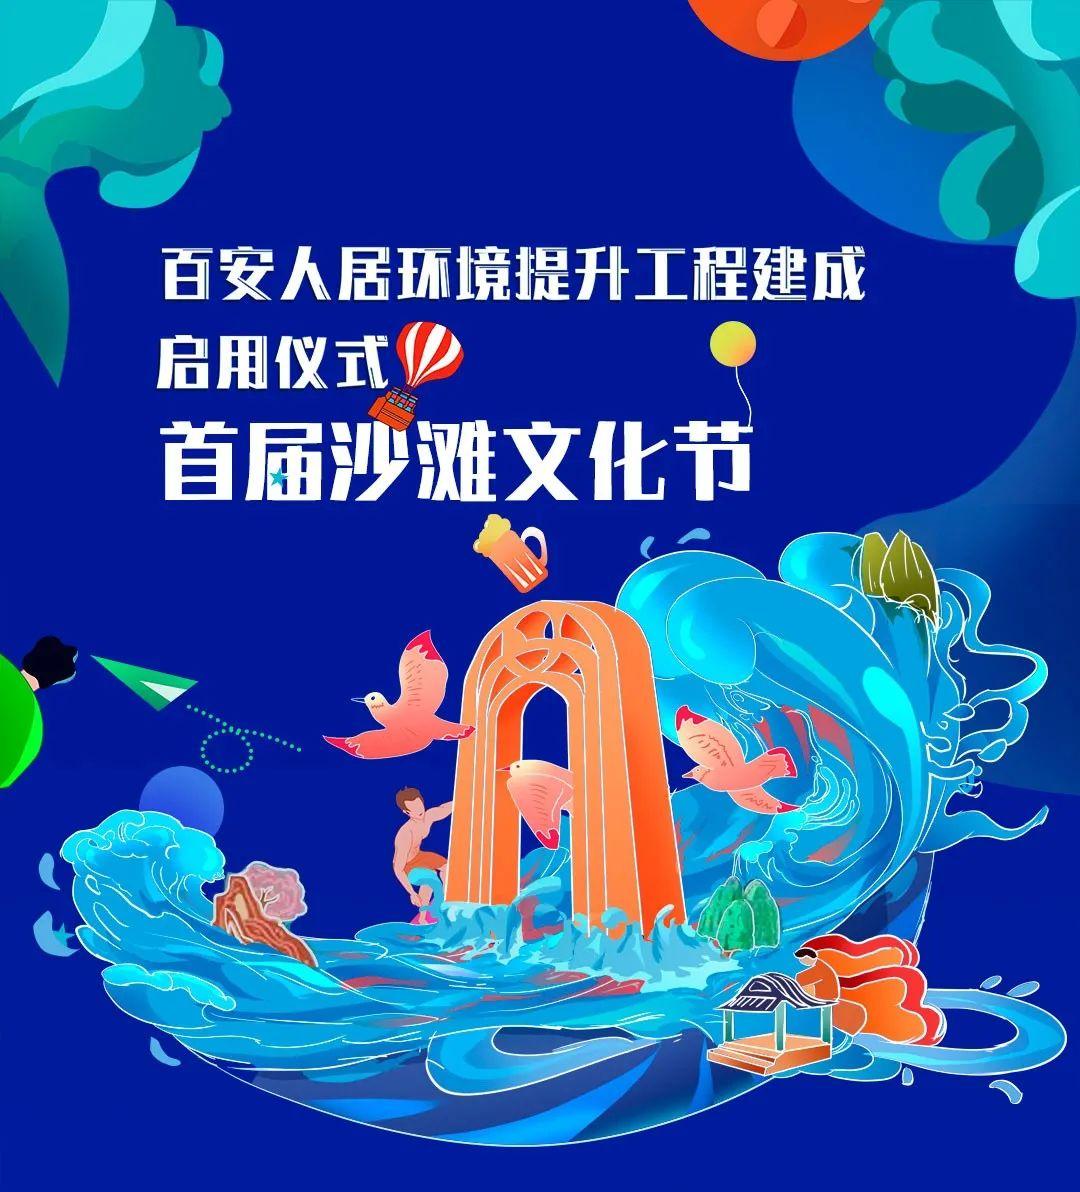 深汕特别合作区首届百安沙滩文化节9月29日开幕 深汕合作区新闻 第1张